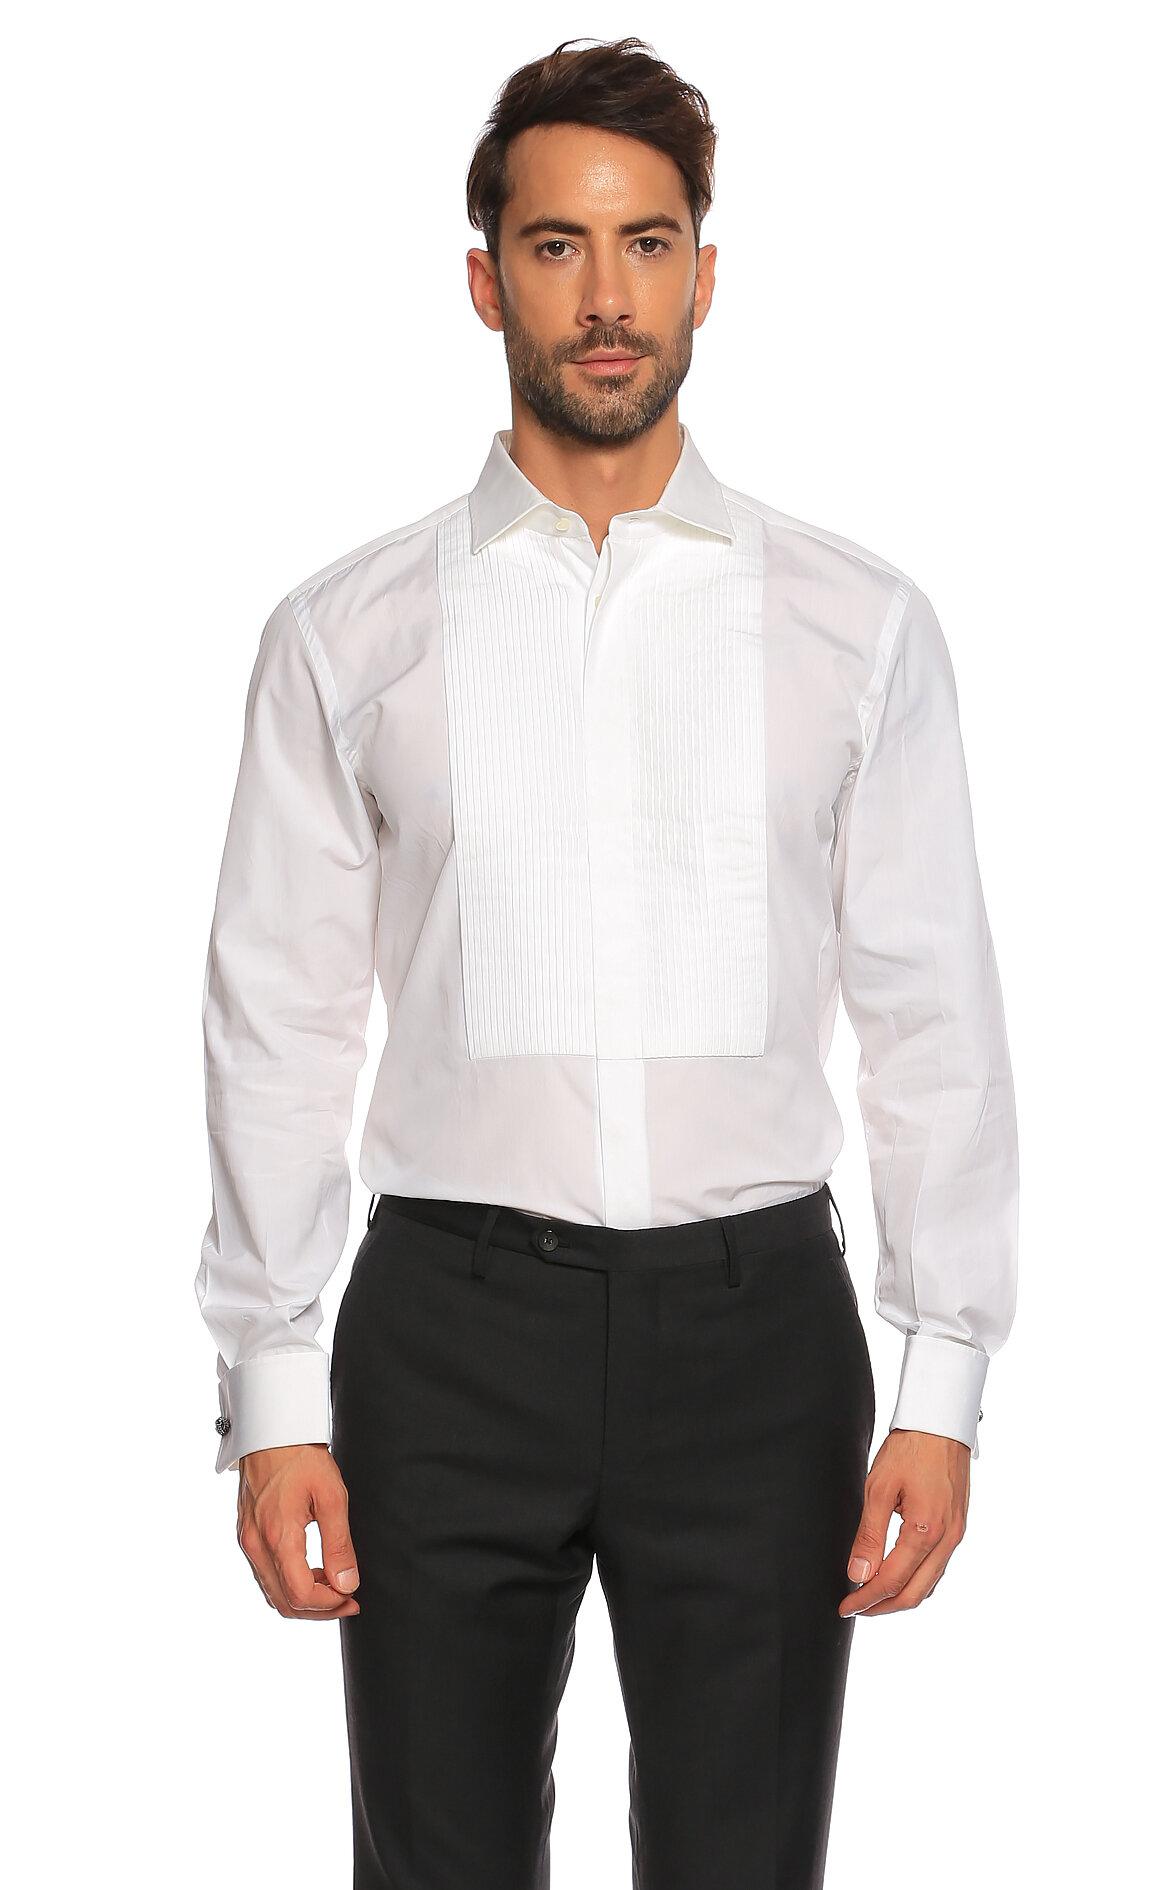 Ralph Lauren Black Label-Ralph Lauren Black Label Beyaz Smokin Gömlek